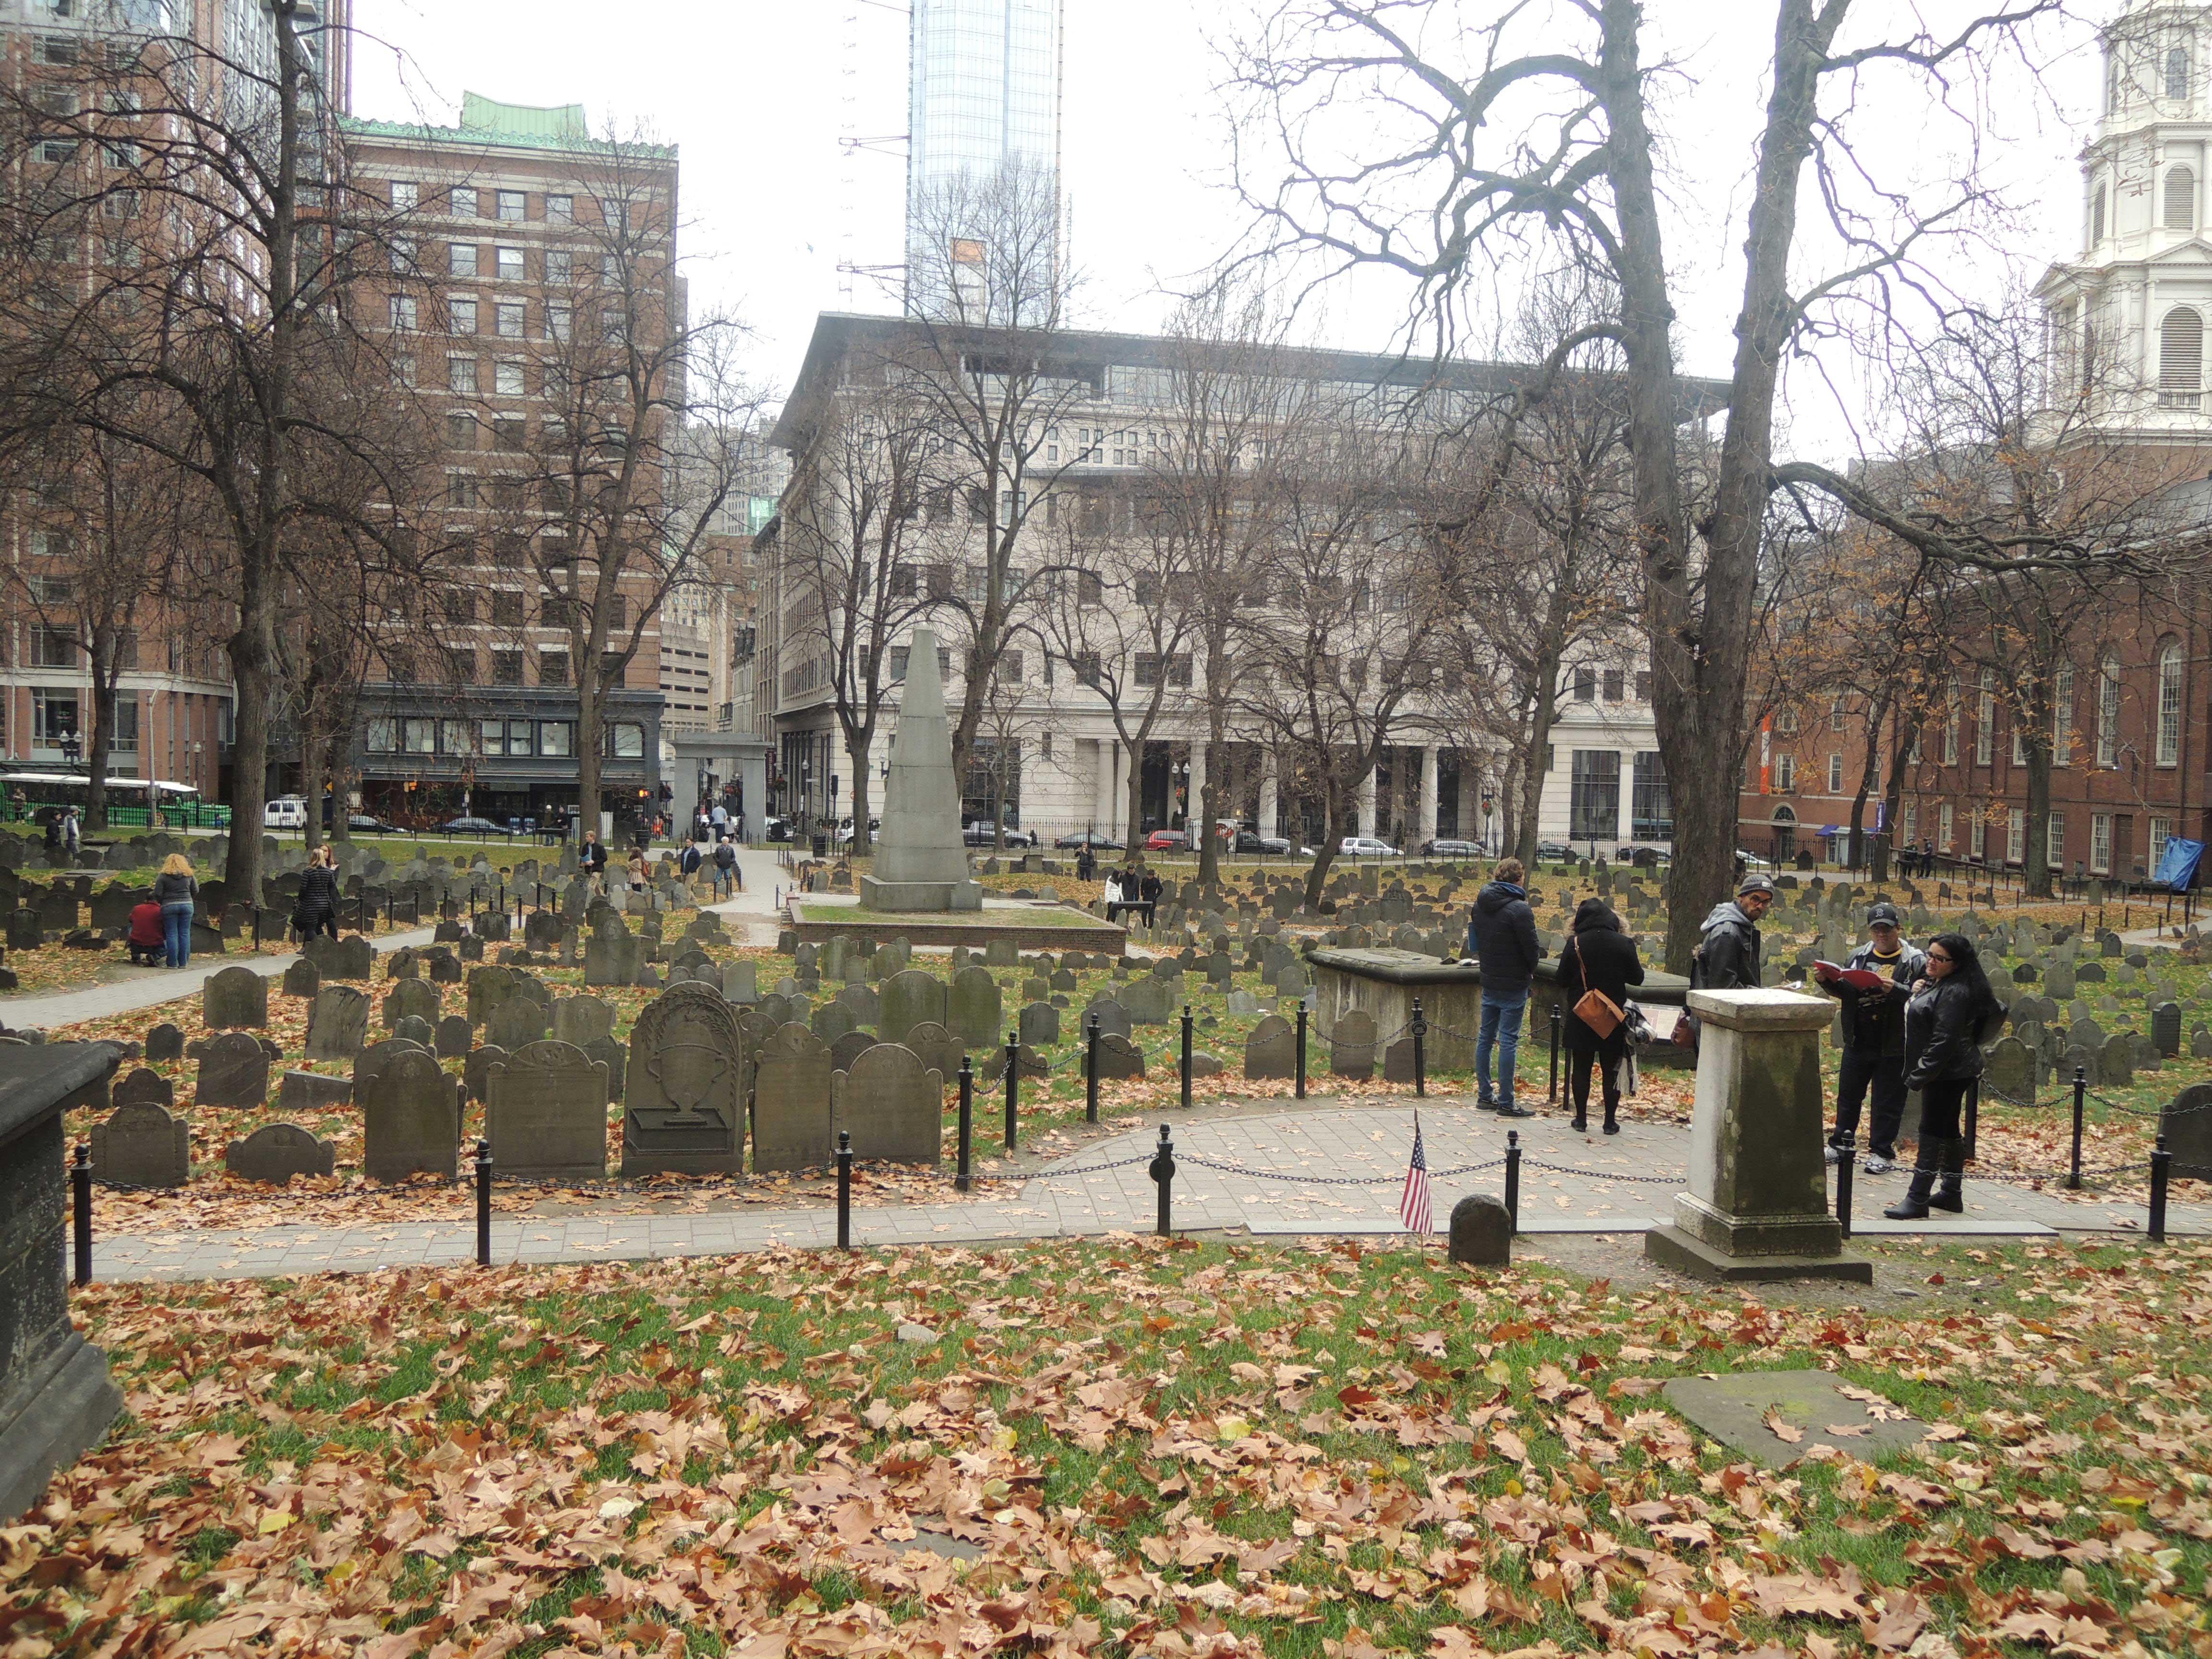 Cemitério onde estão enterrados alguns revolucionários da independência